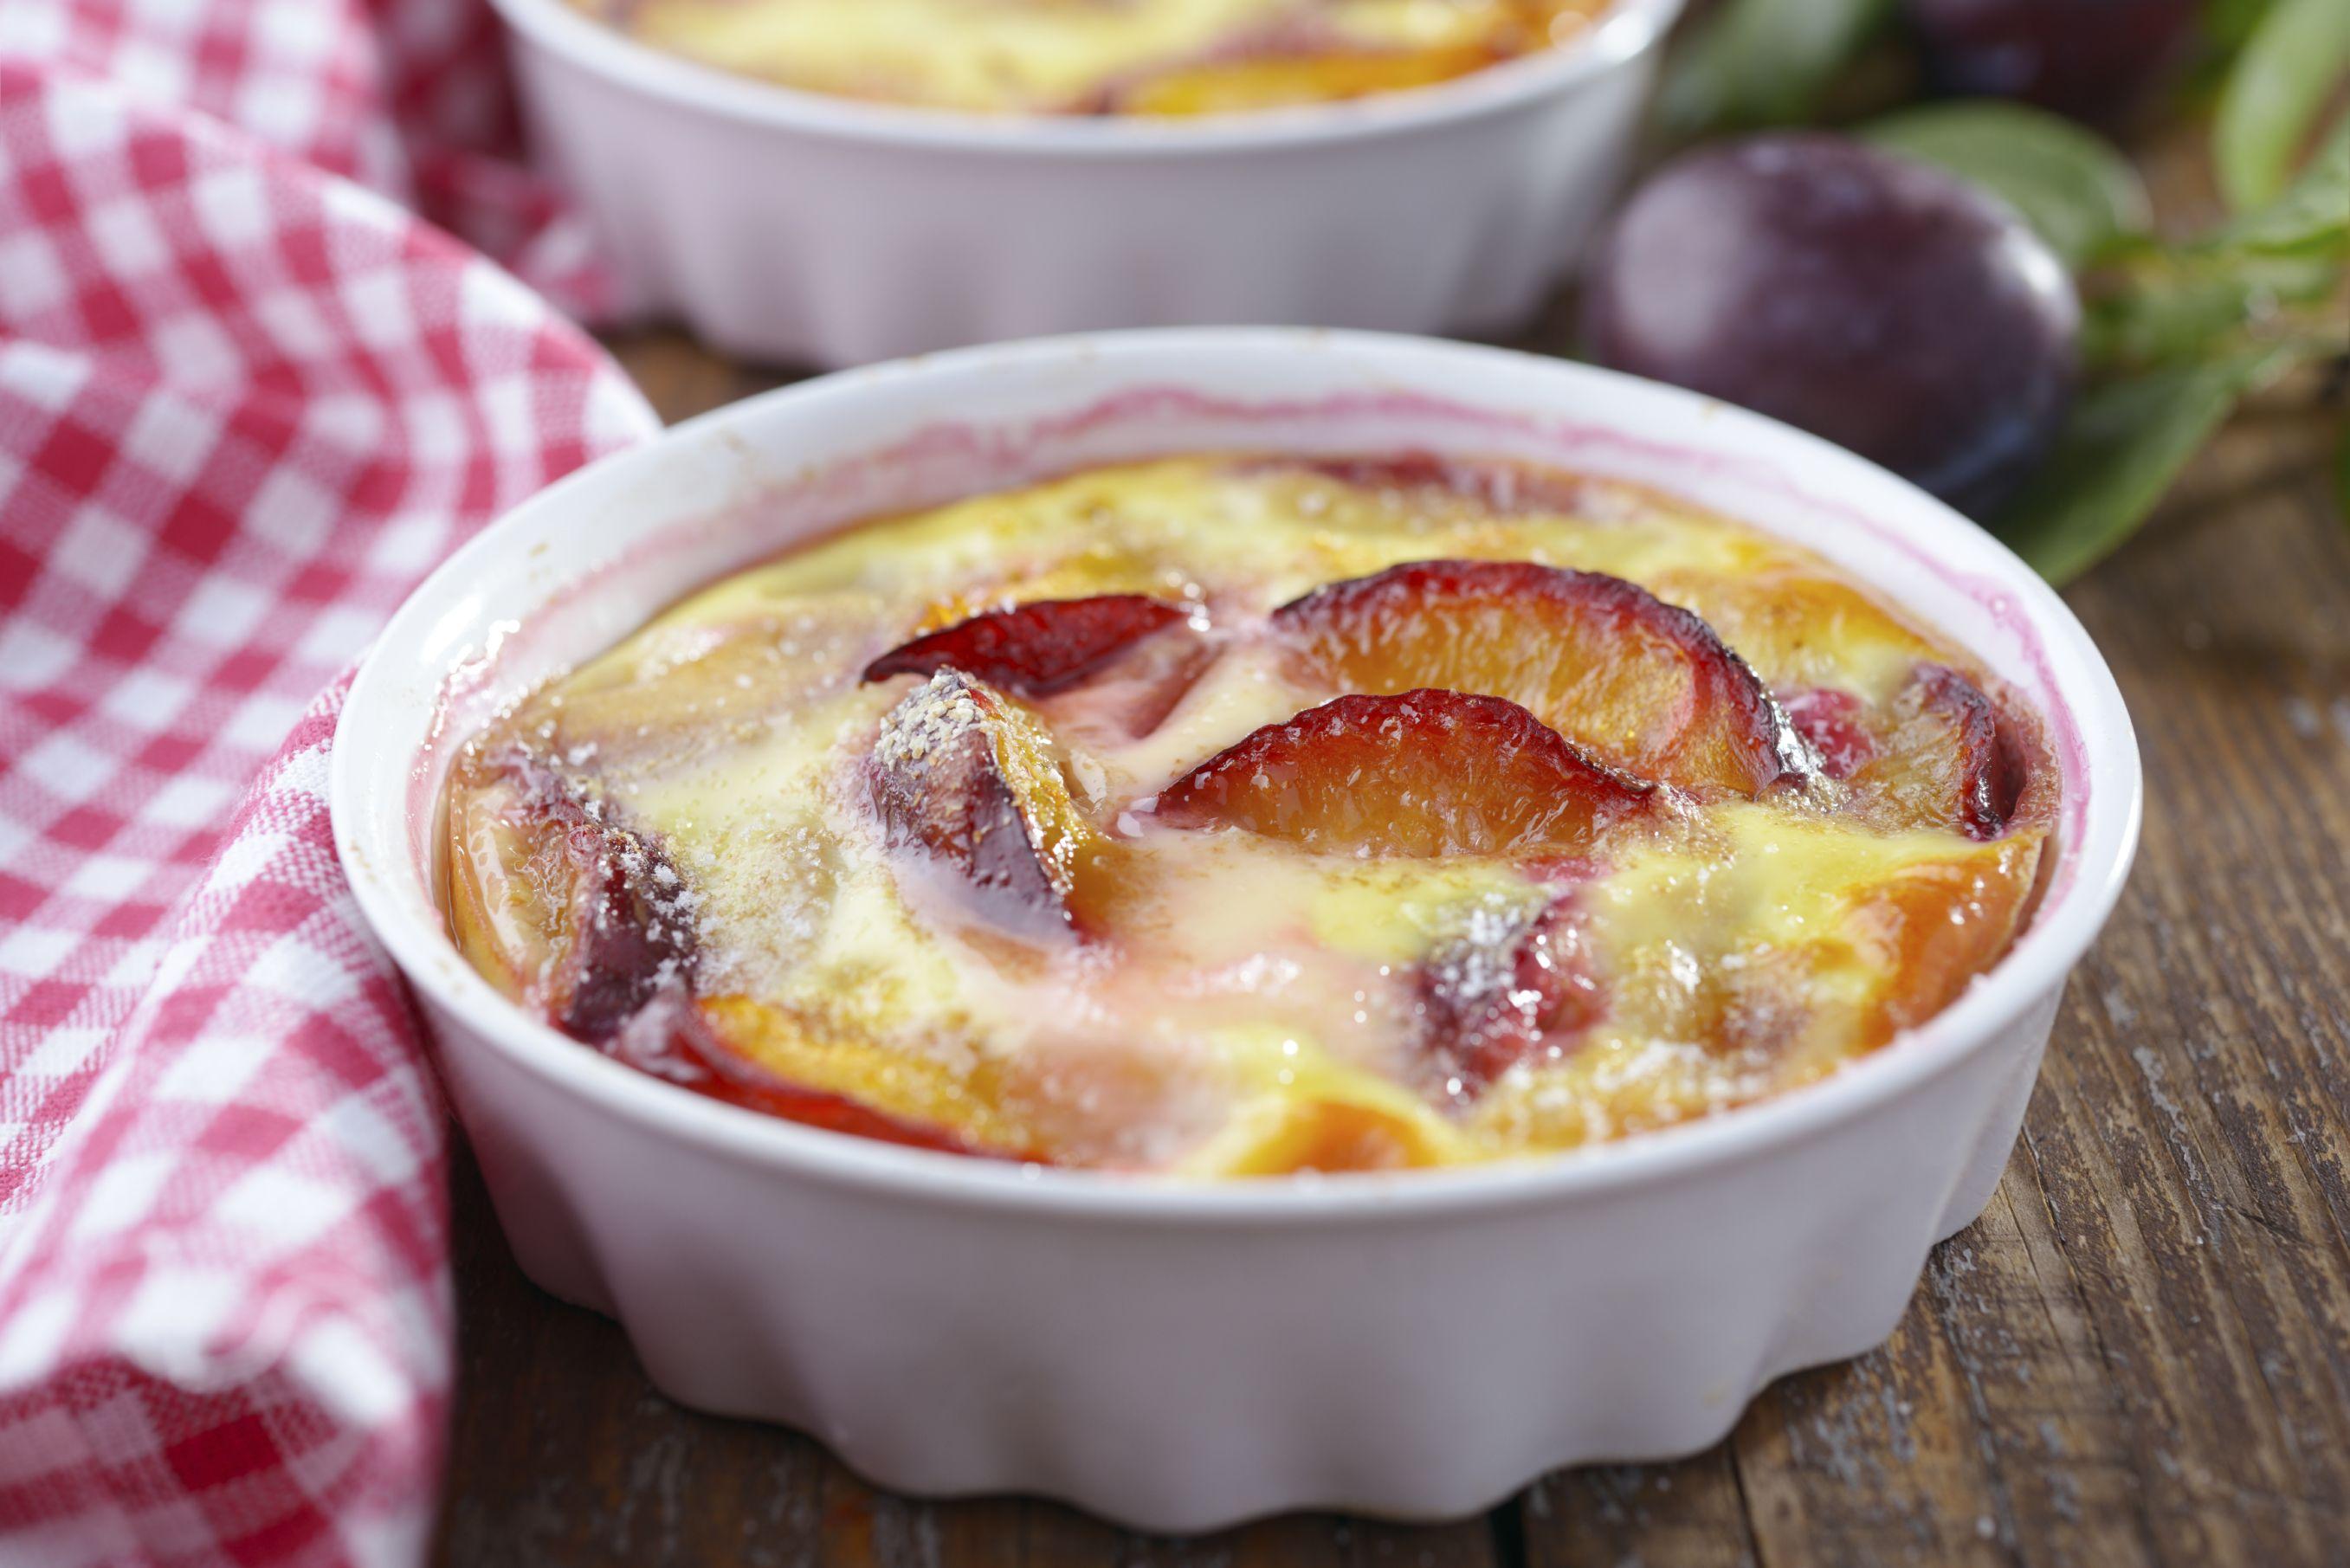 Ingrédients [node:title] - 500 g de prunes- 125 g de farine- 100 g de sucre en poudre- 25 g de beurre- 30 cl de lait- 4 œufs- 1 pincée de sel